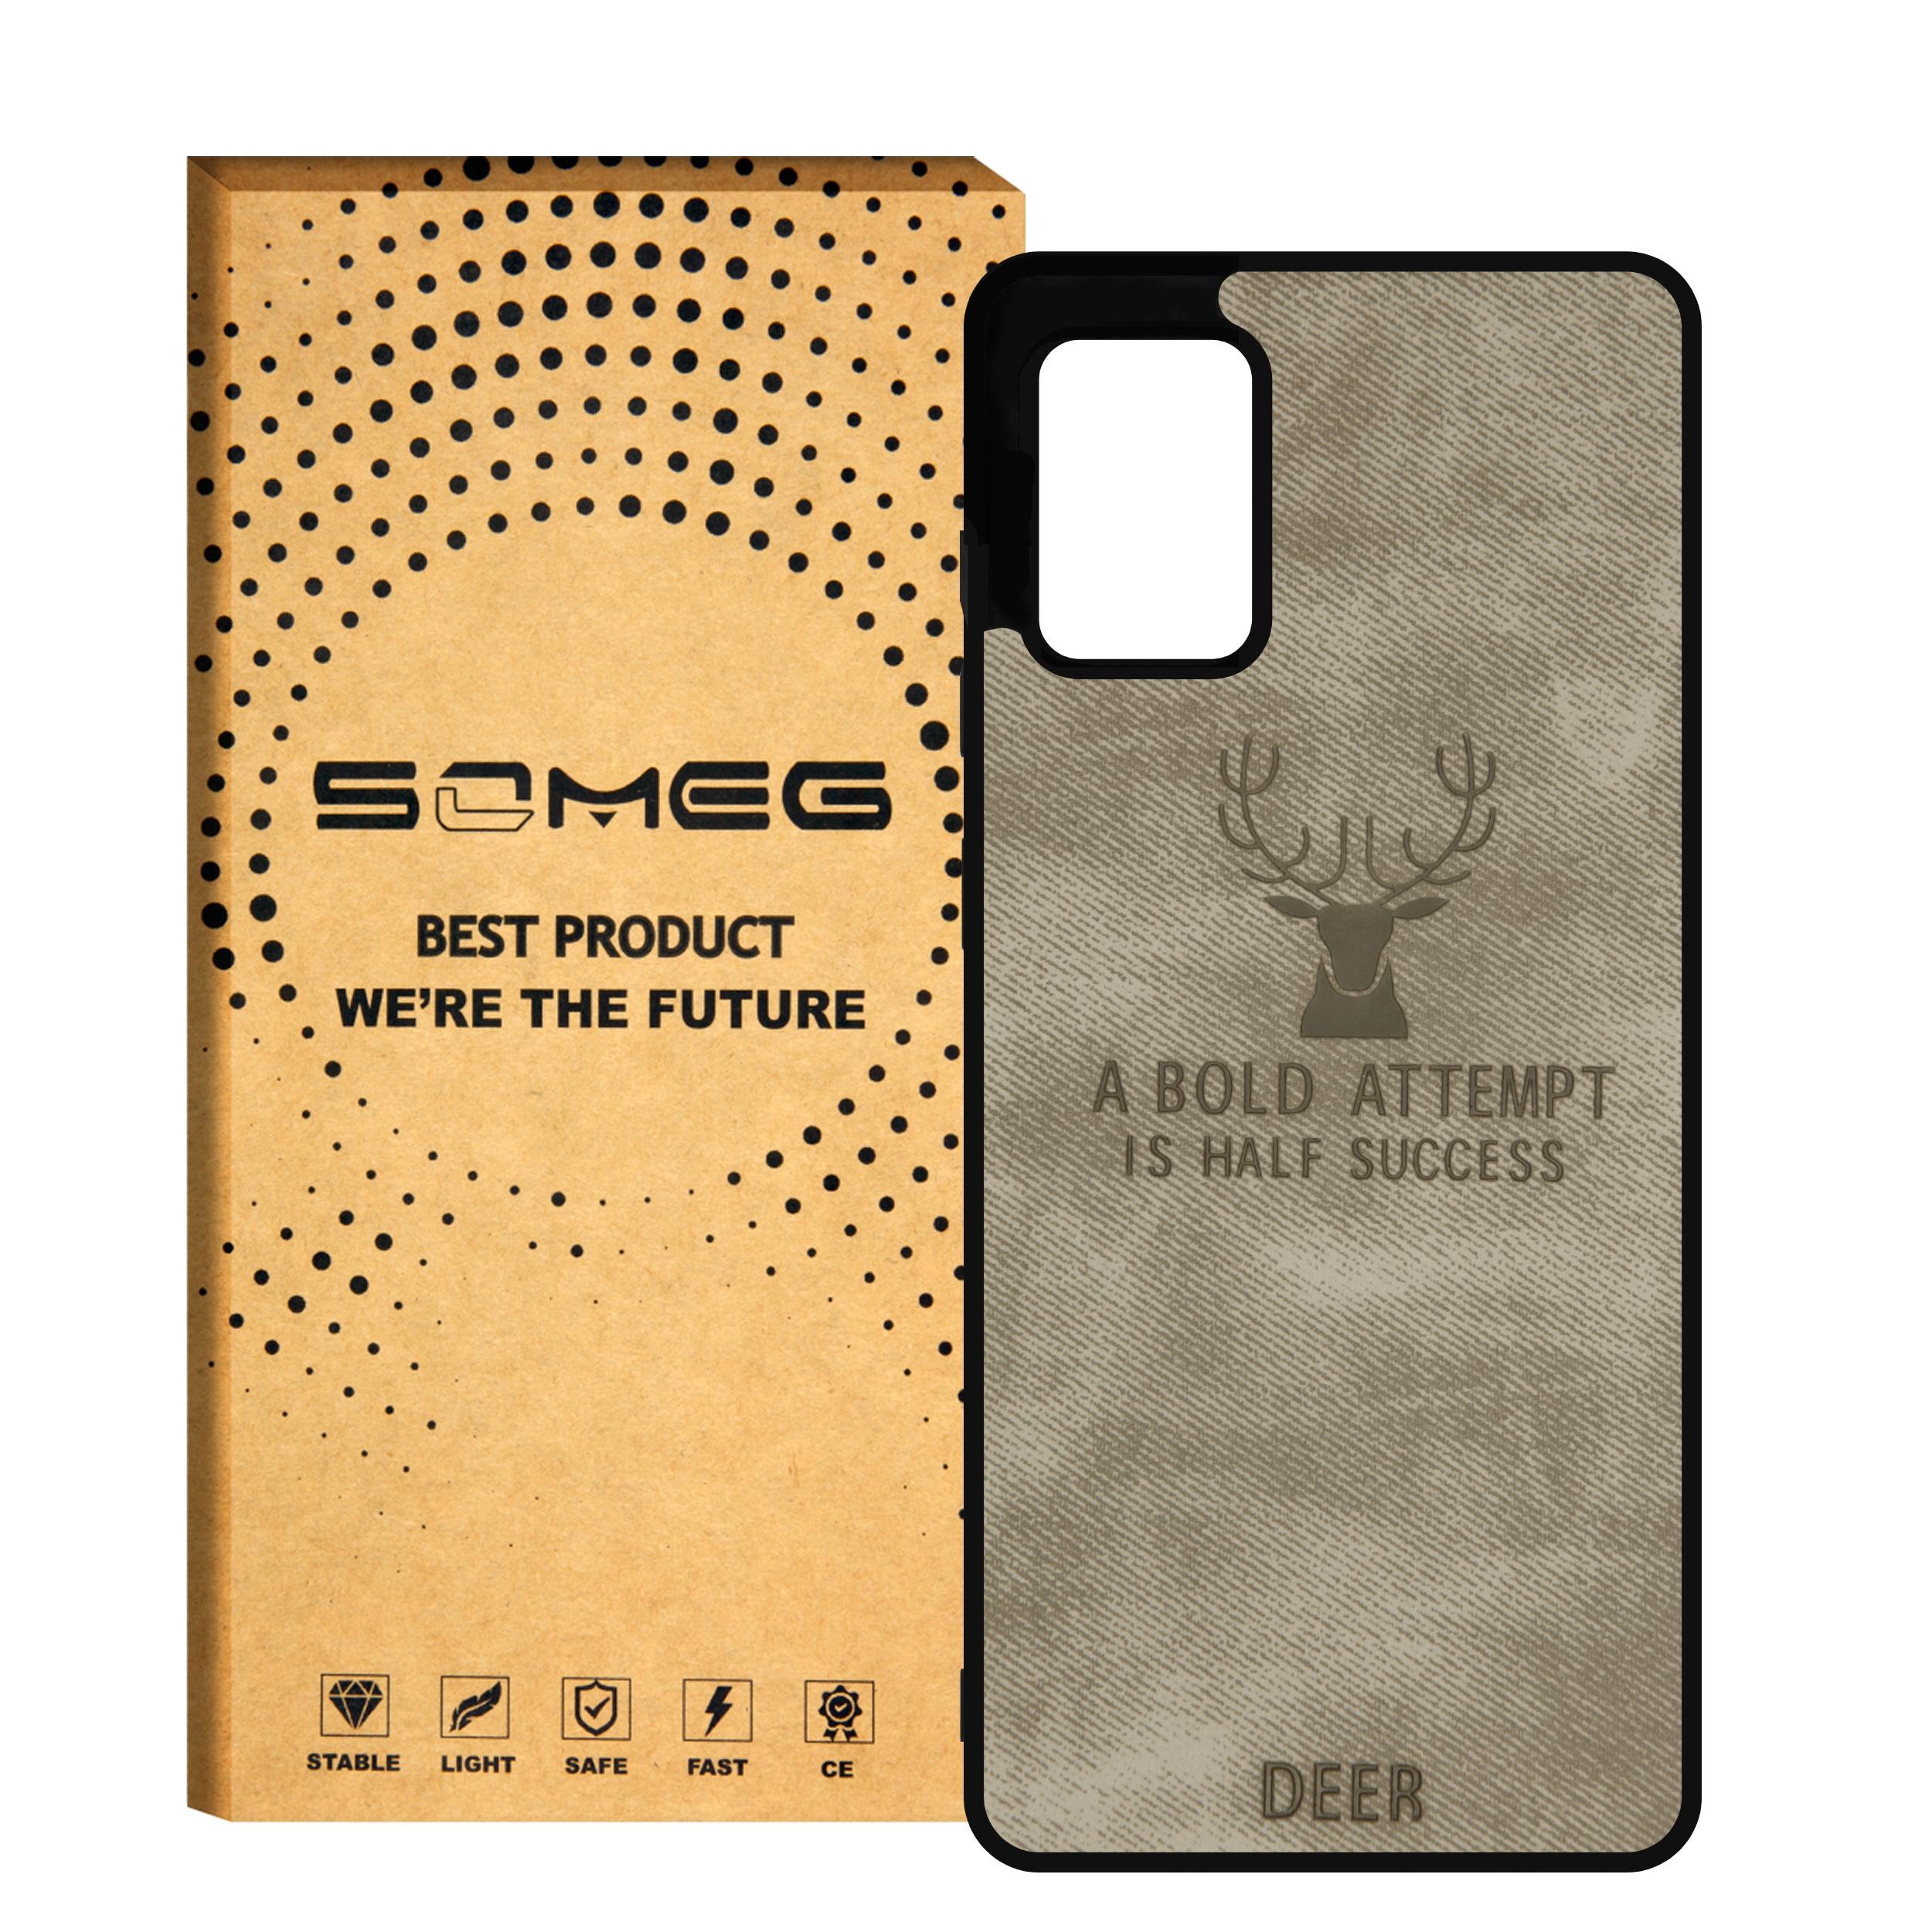 کاور سومگ مدل SMG-Der02 مناسب برای گوشی موبایل سامسونگ Galaxy A71              ( قیمت و خرید)